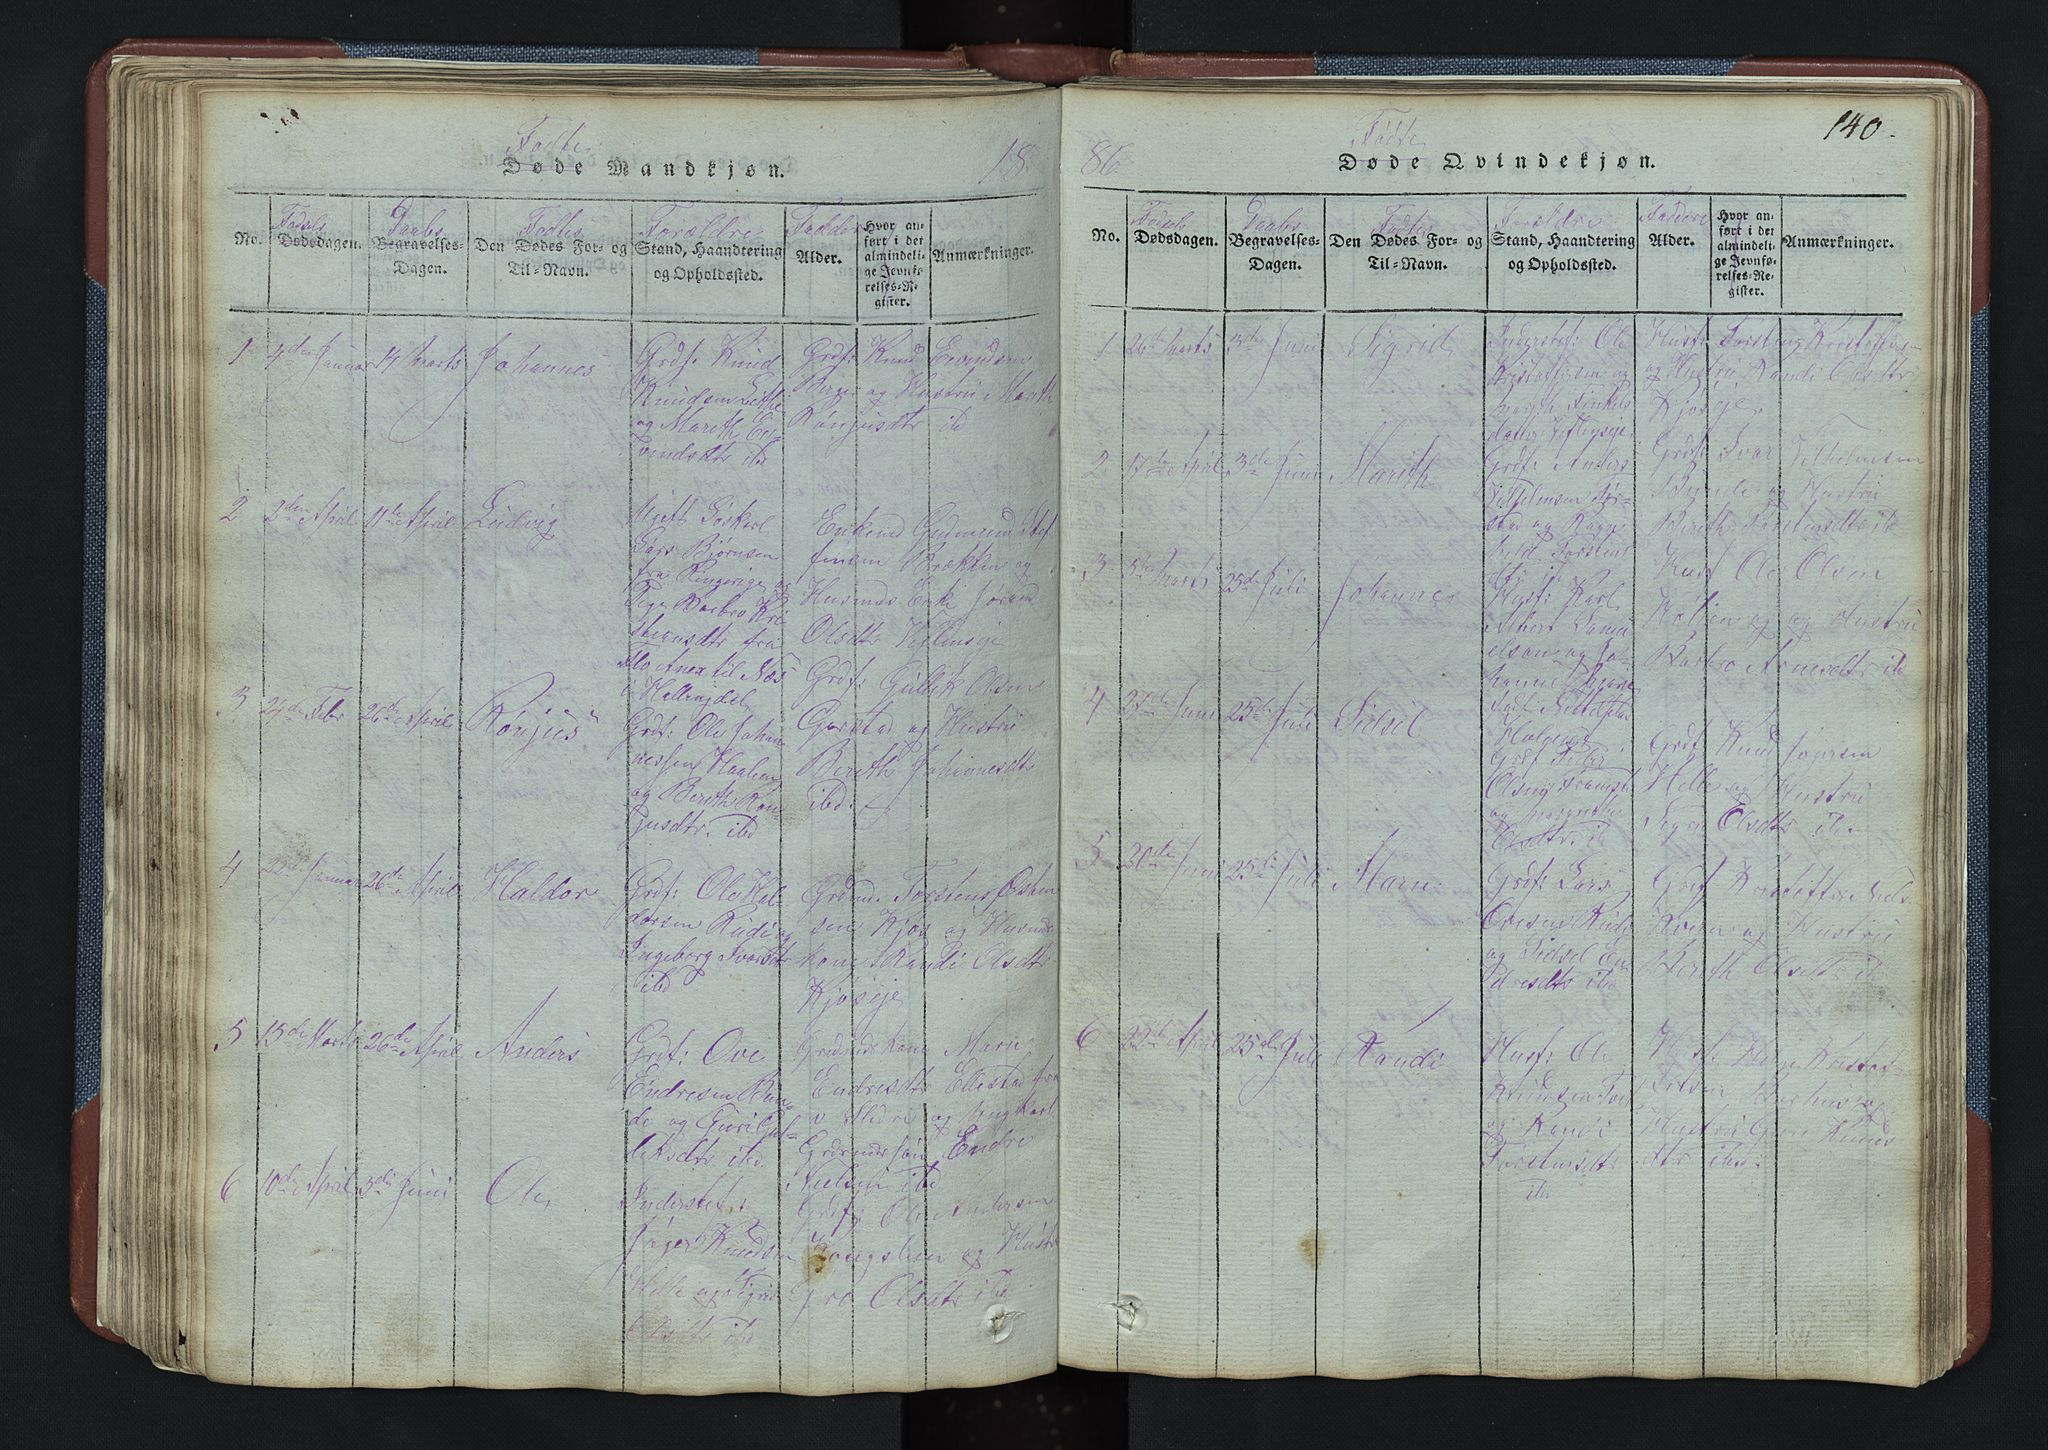 SAH, Vang prestekontor, Valdres, Klokkerbok nr. 3, 1814-1892, s. 140